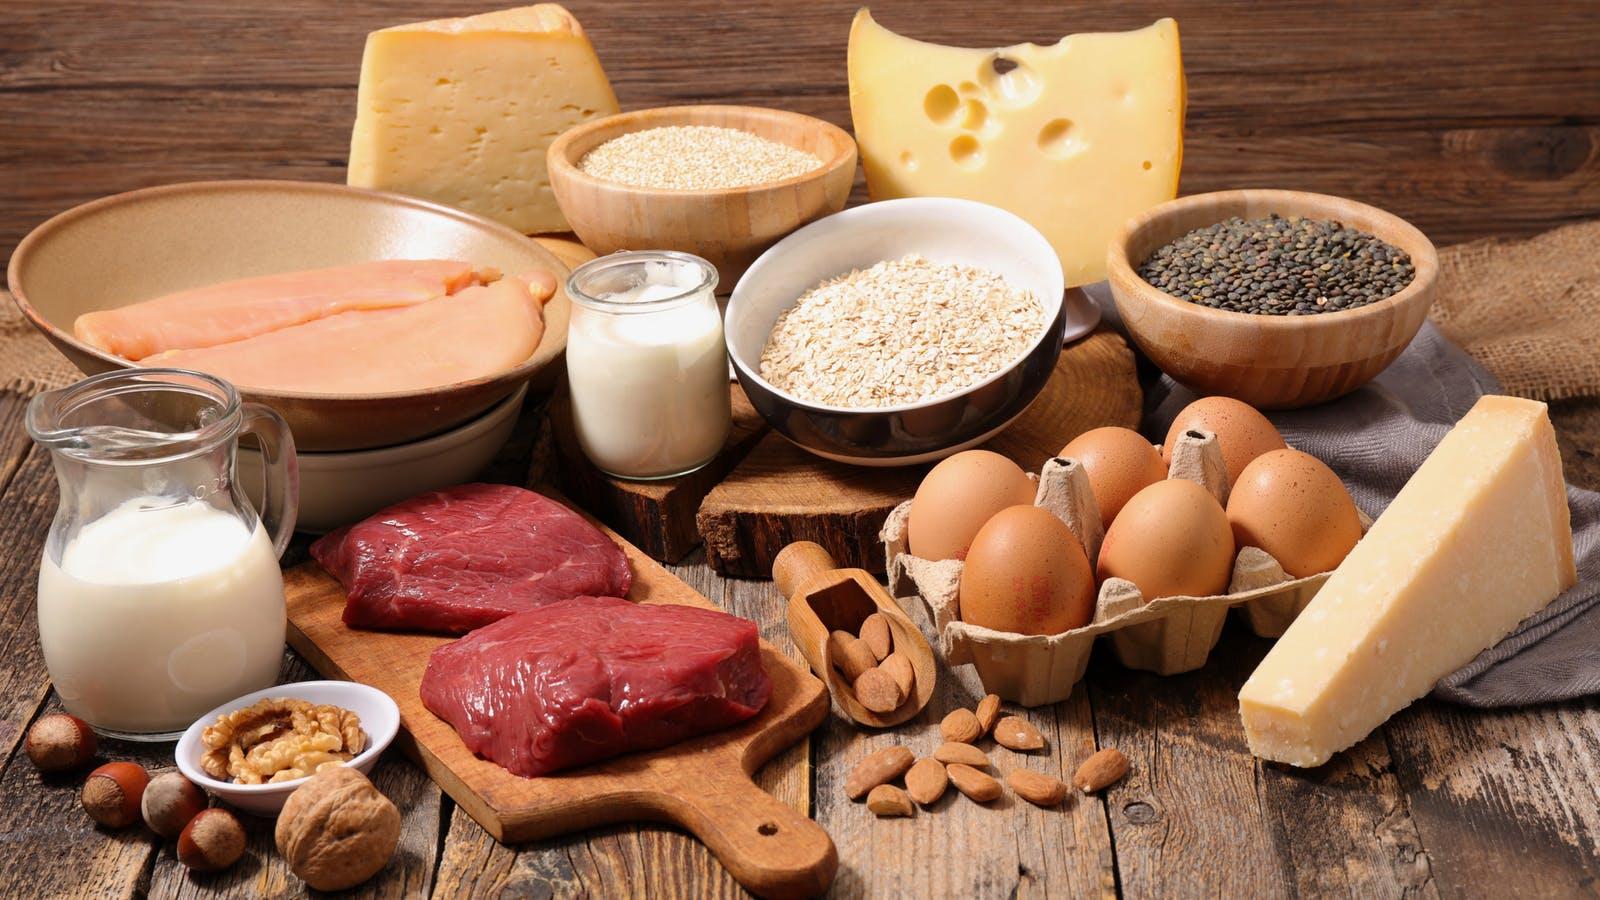 Россияне стали употреблять больше белка животного происхождения